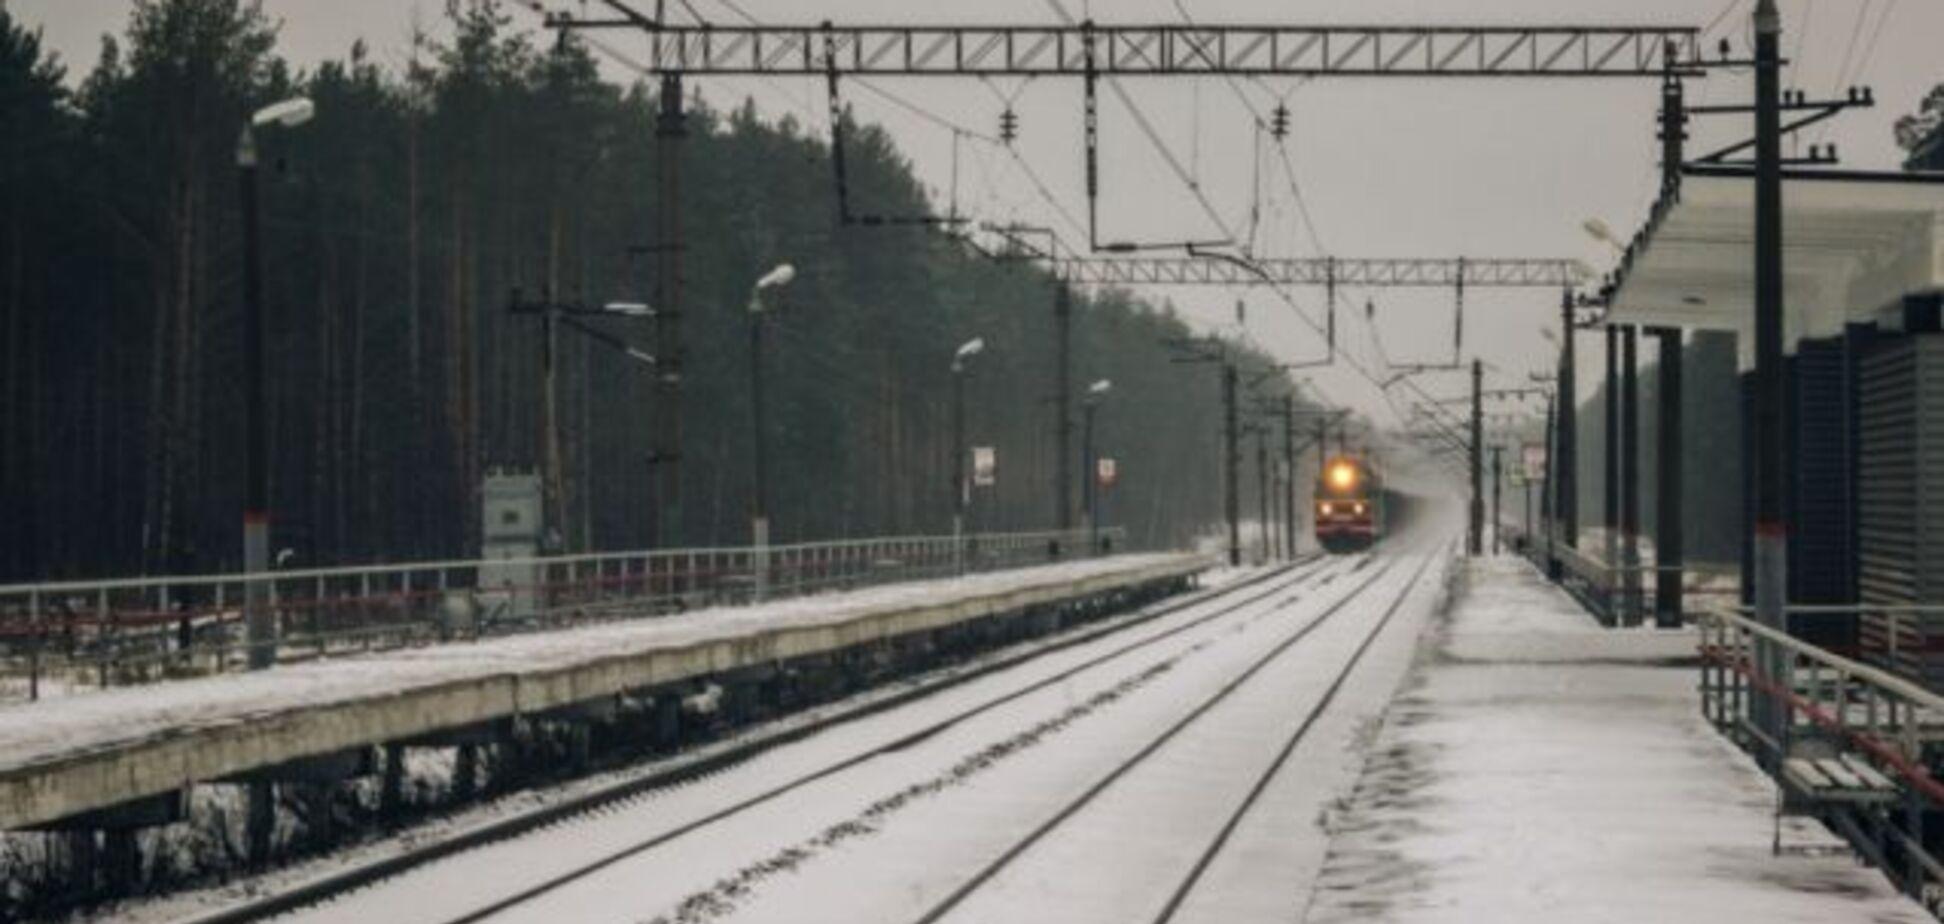 Хотела взорвать поезд: Верховный суд подтвердил срок для диверсантки из 'ДНР'